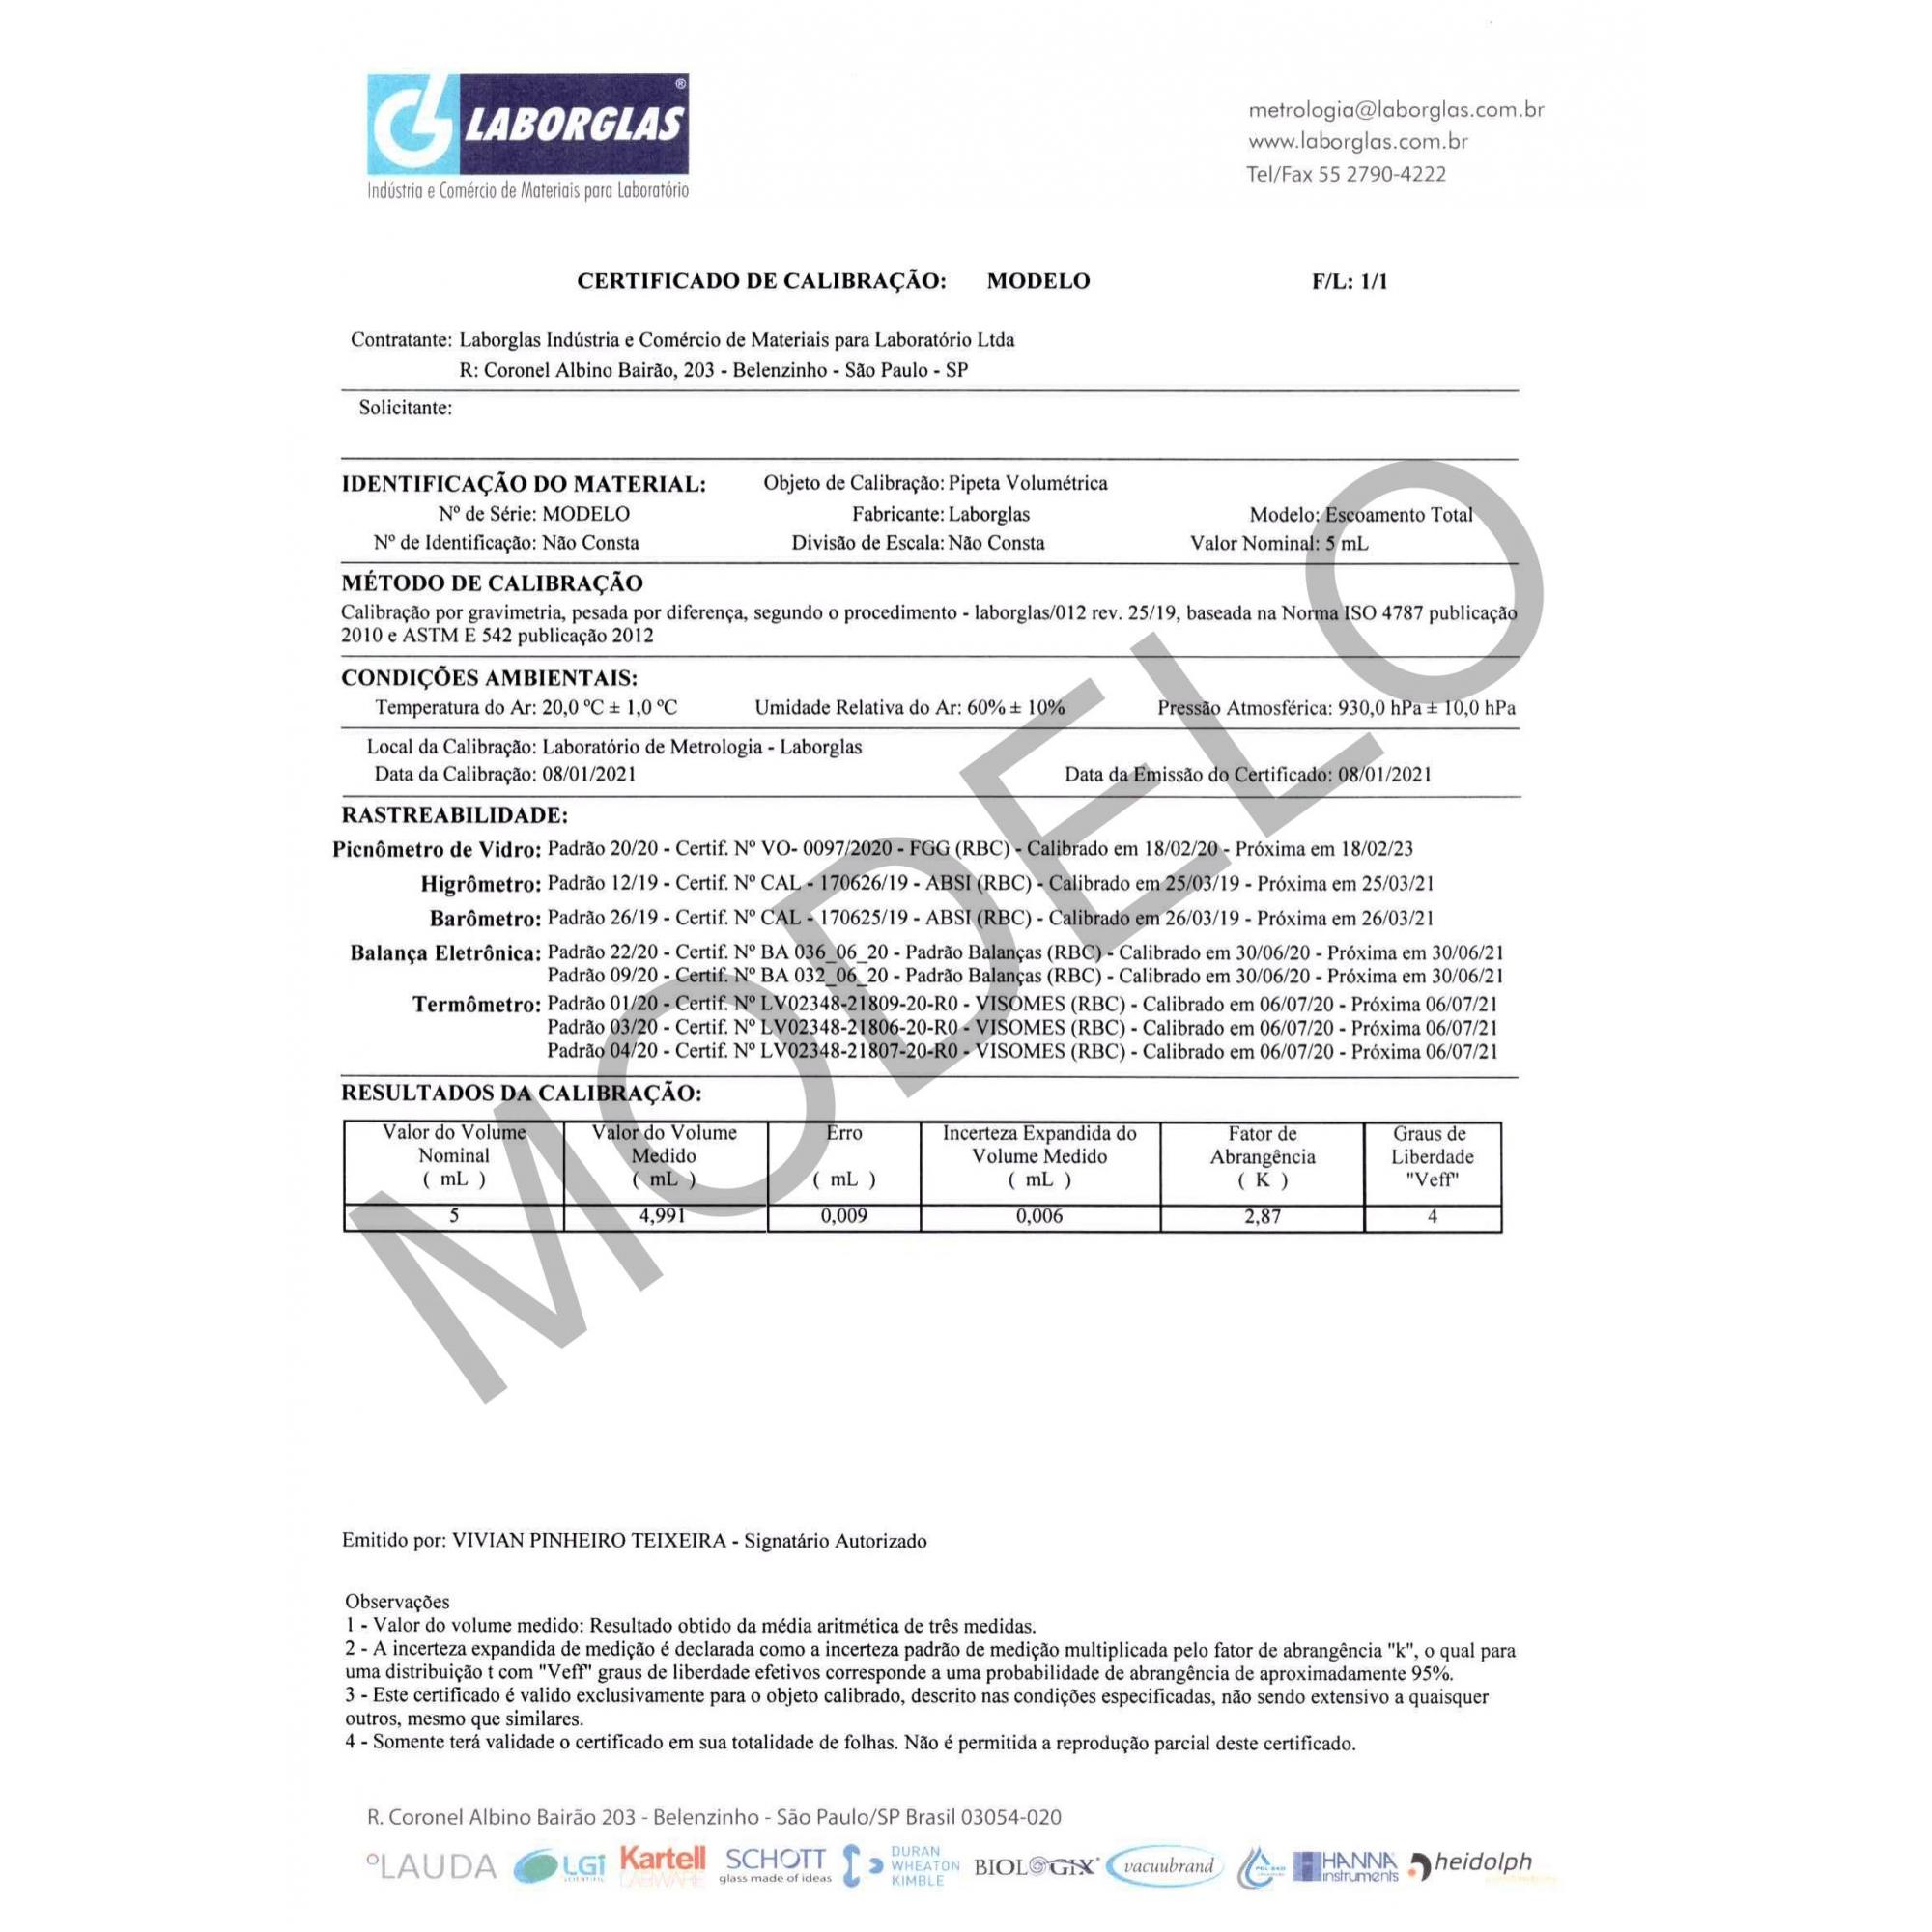 PIPETA VOLUMÉTRICA ESGOTAMENTO TOTAL 4,5 ML CERTIFICADO RASTREÁVEL - Laborglas - Cód. 9433722-C